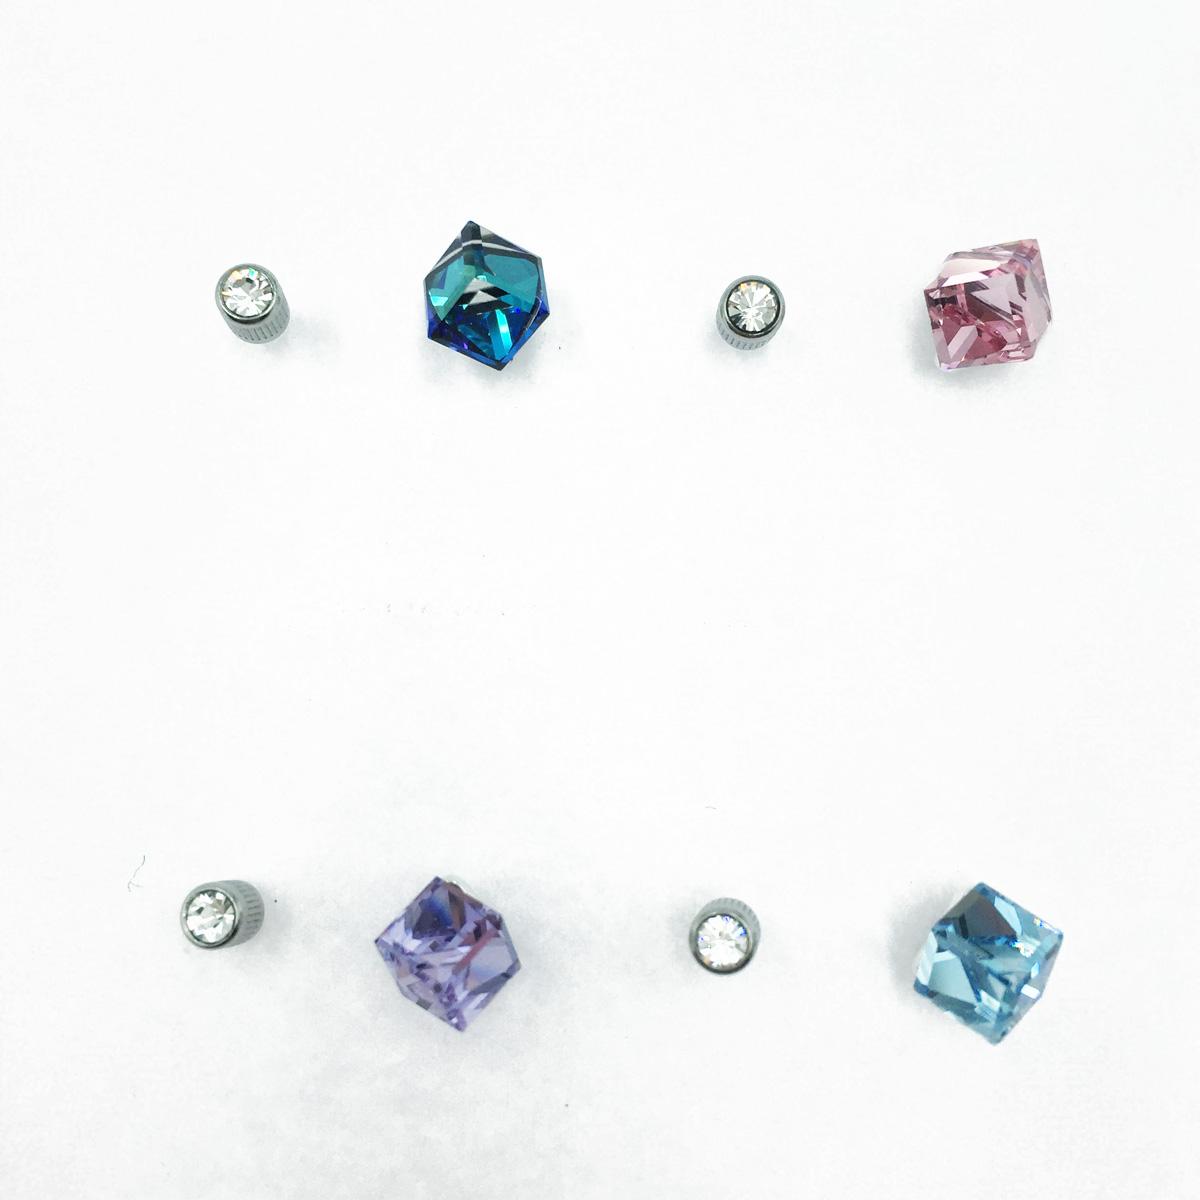 不鏽鋼 立體方塊 透色水晶 圓鑽 4色 後轉式針式耳環